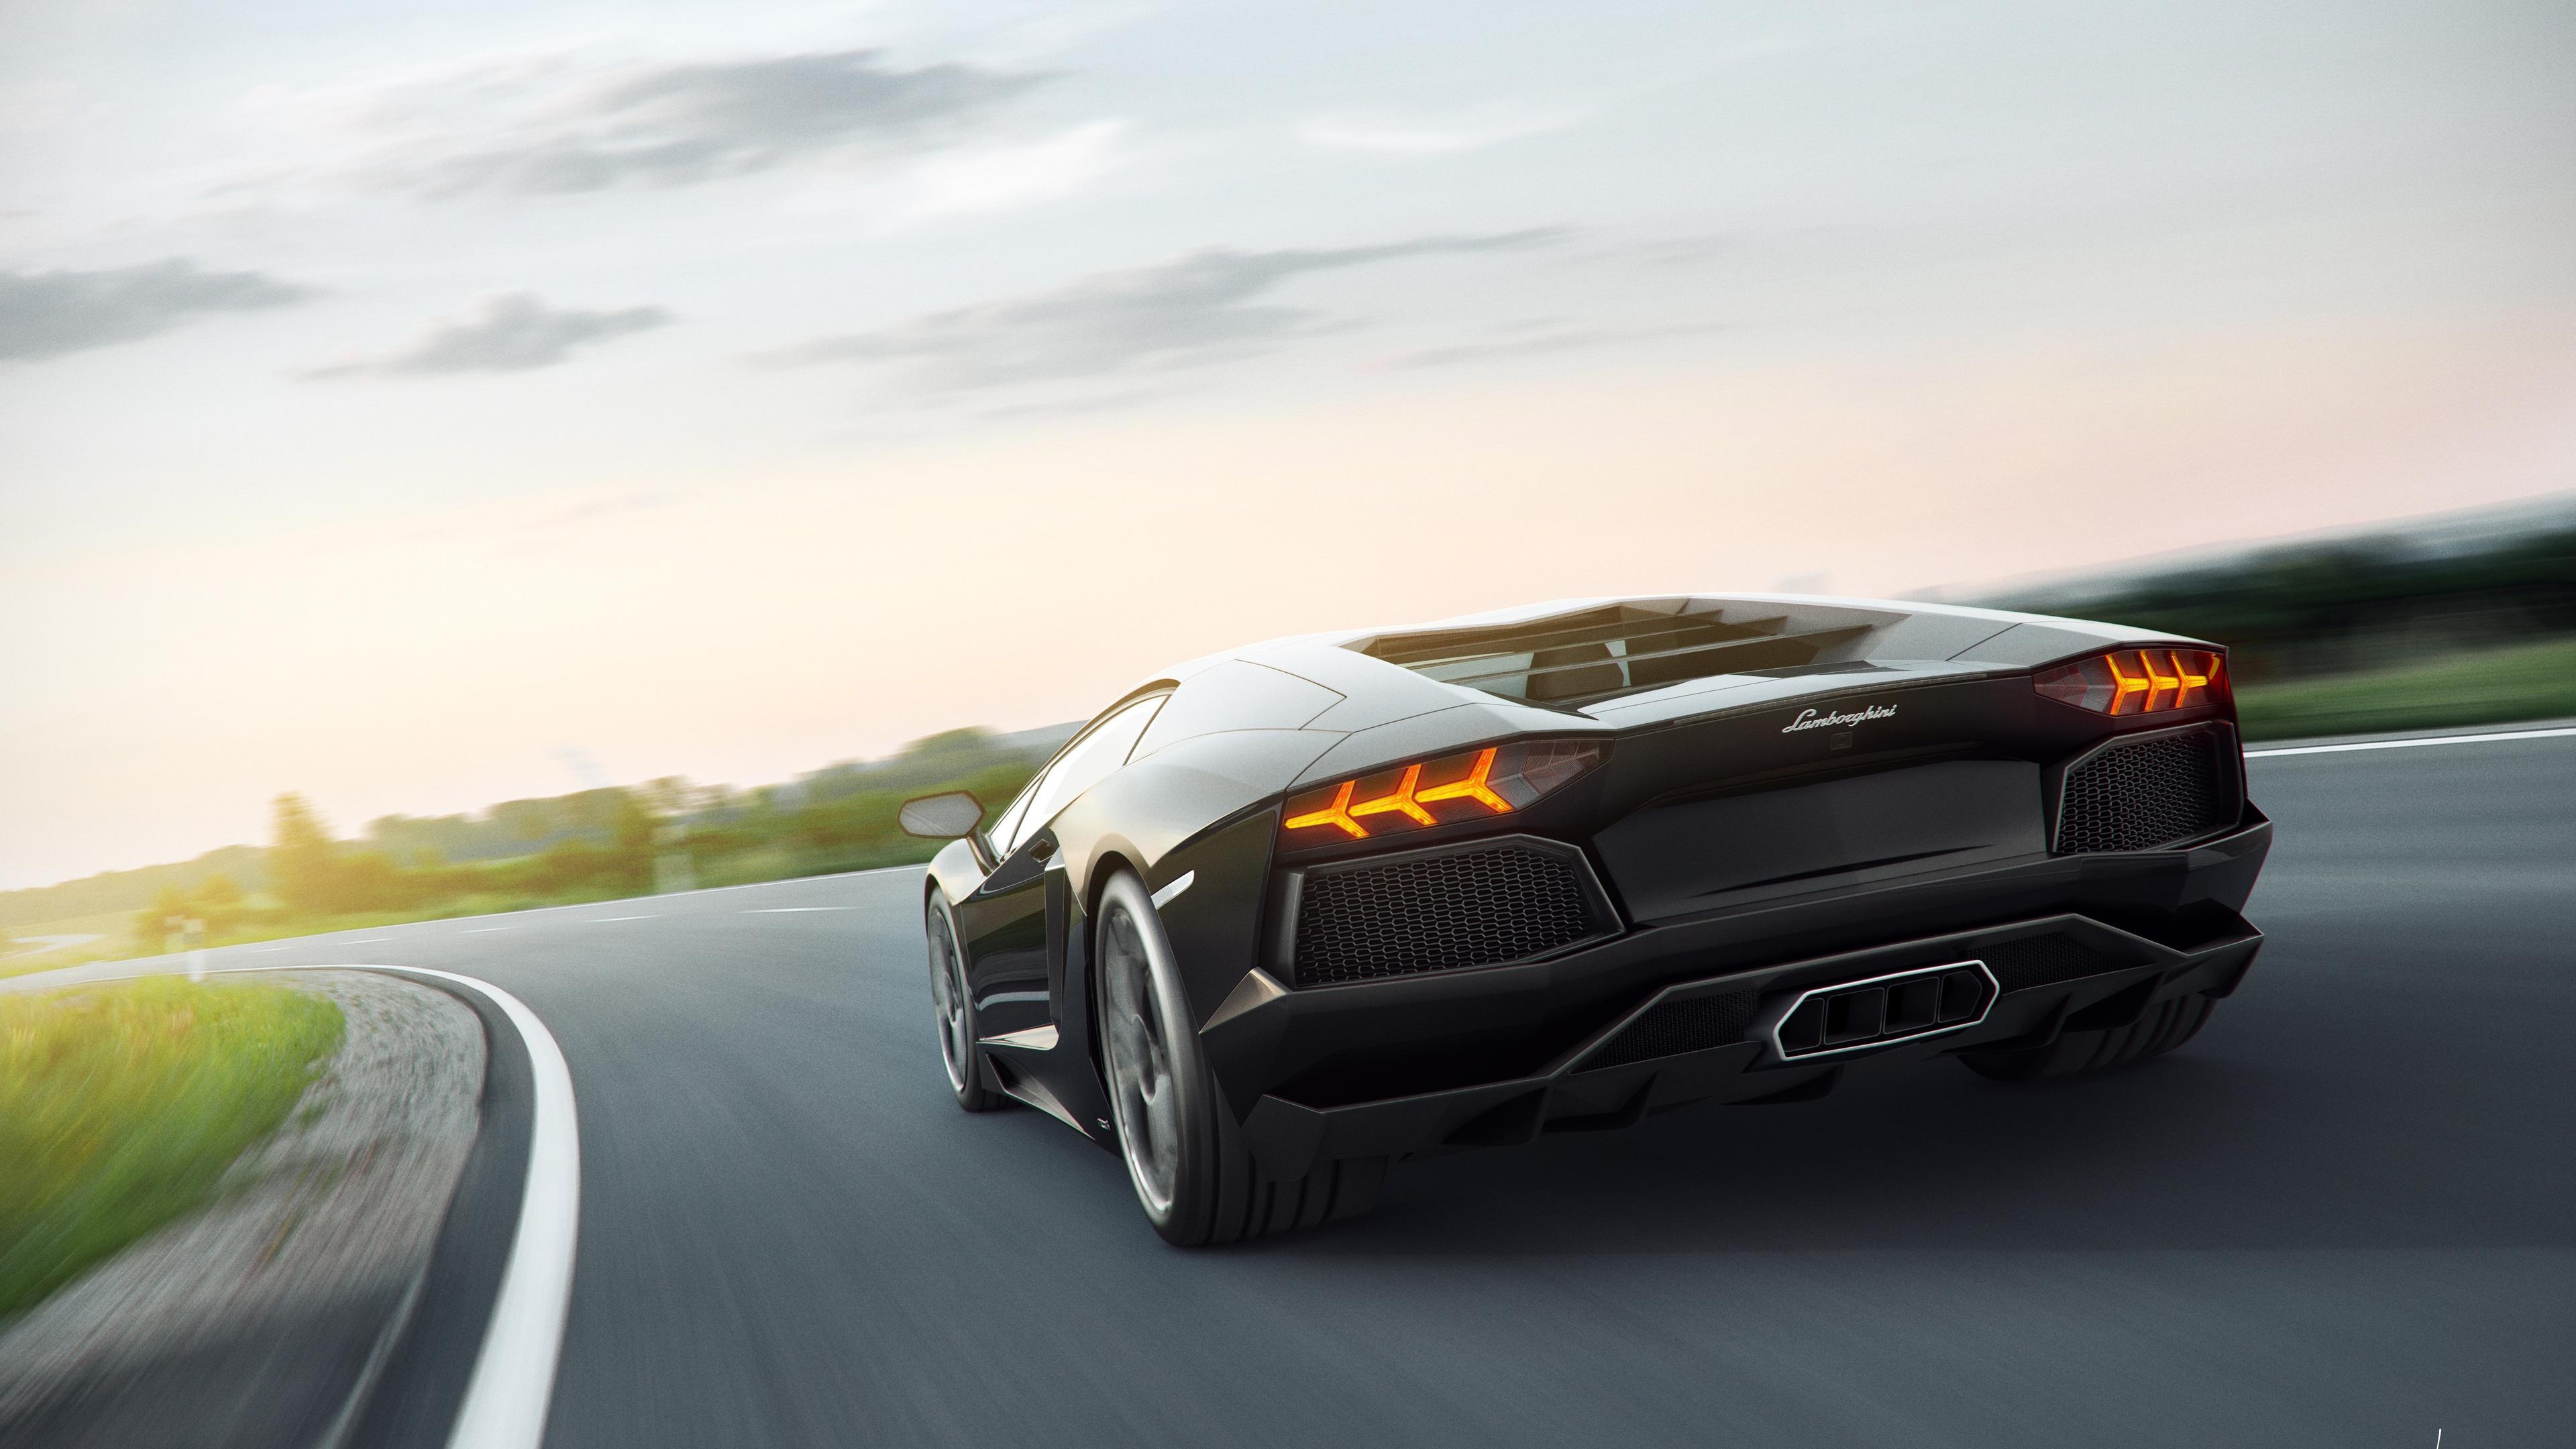 Lamborghini 8k Rear lamborghini wallpapers, hd-wallpapers ...